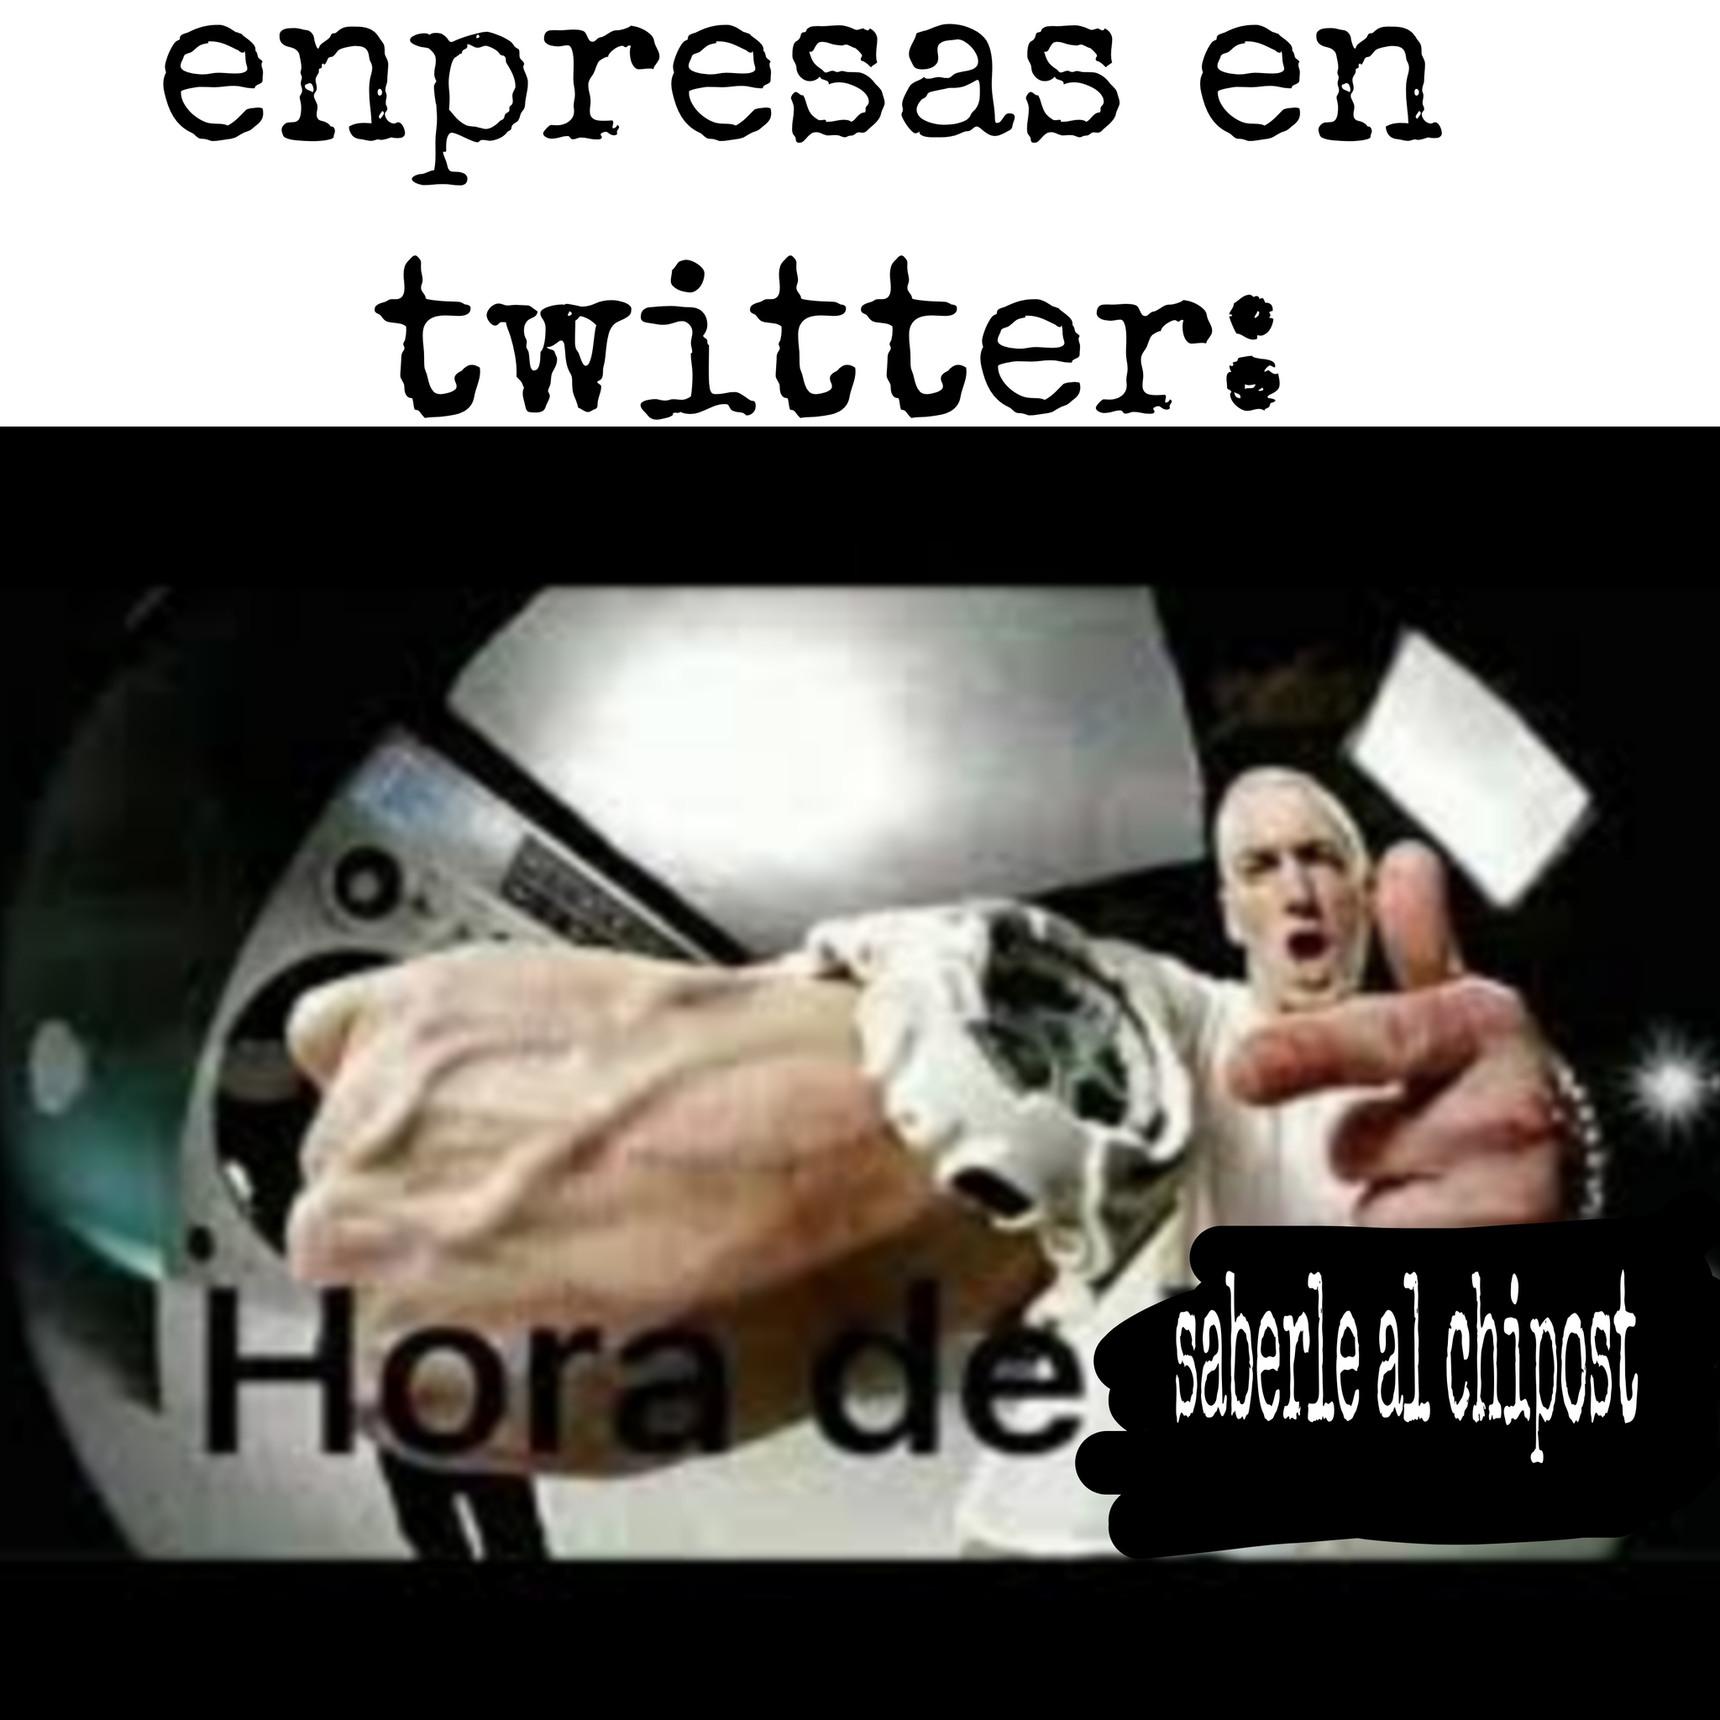 Empresas - meme